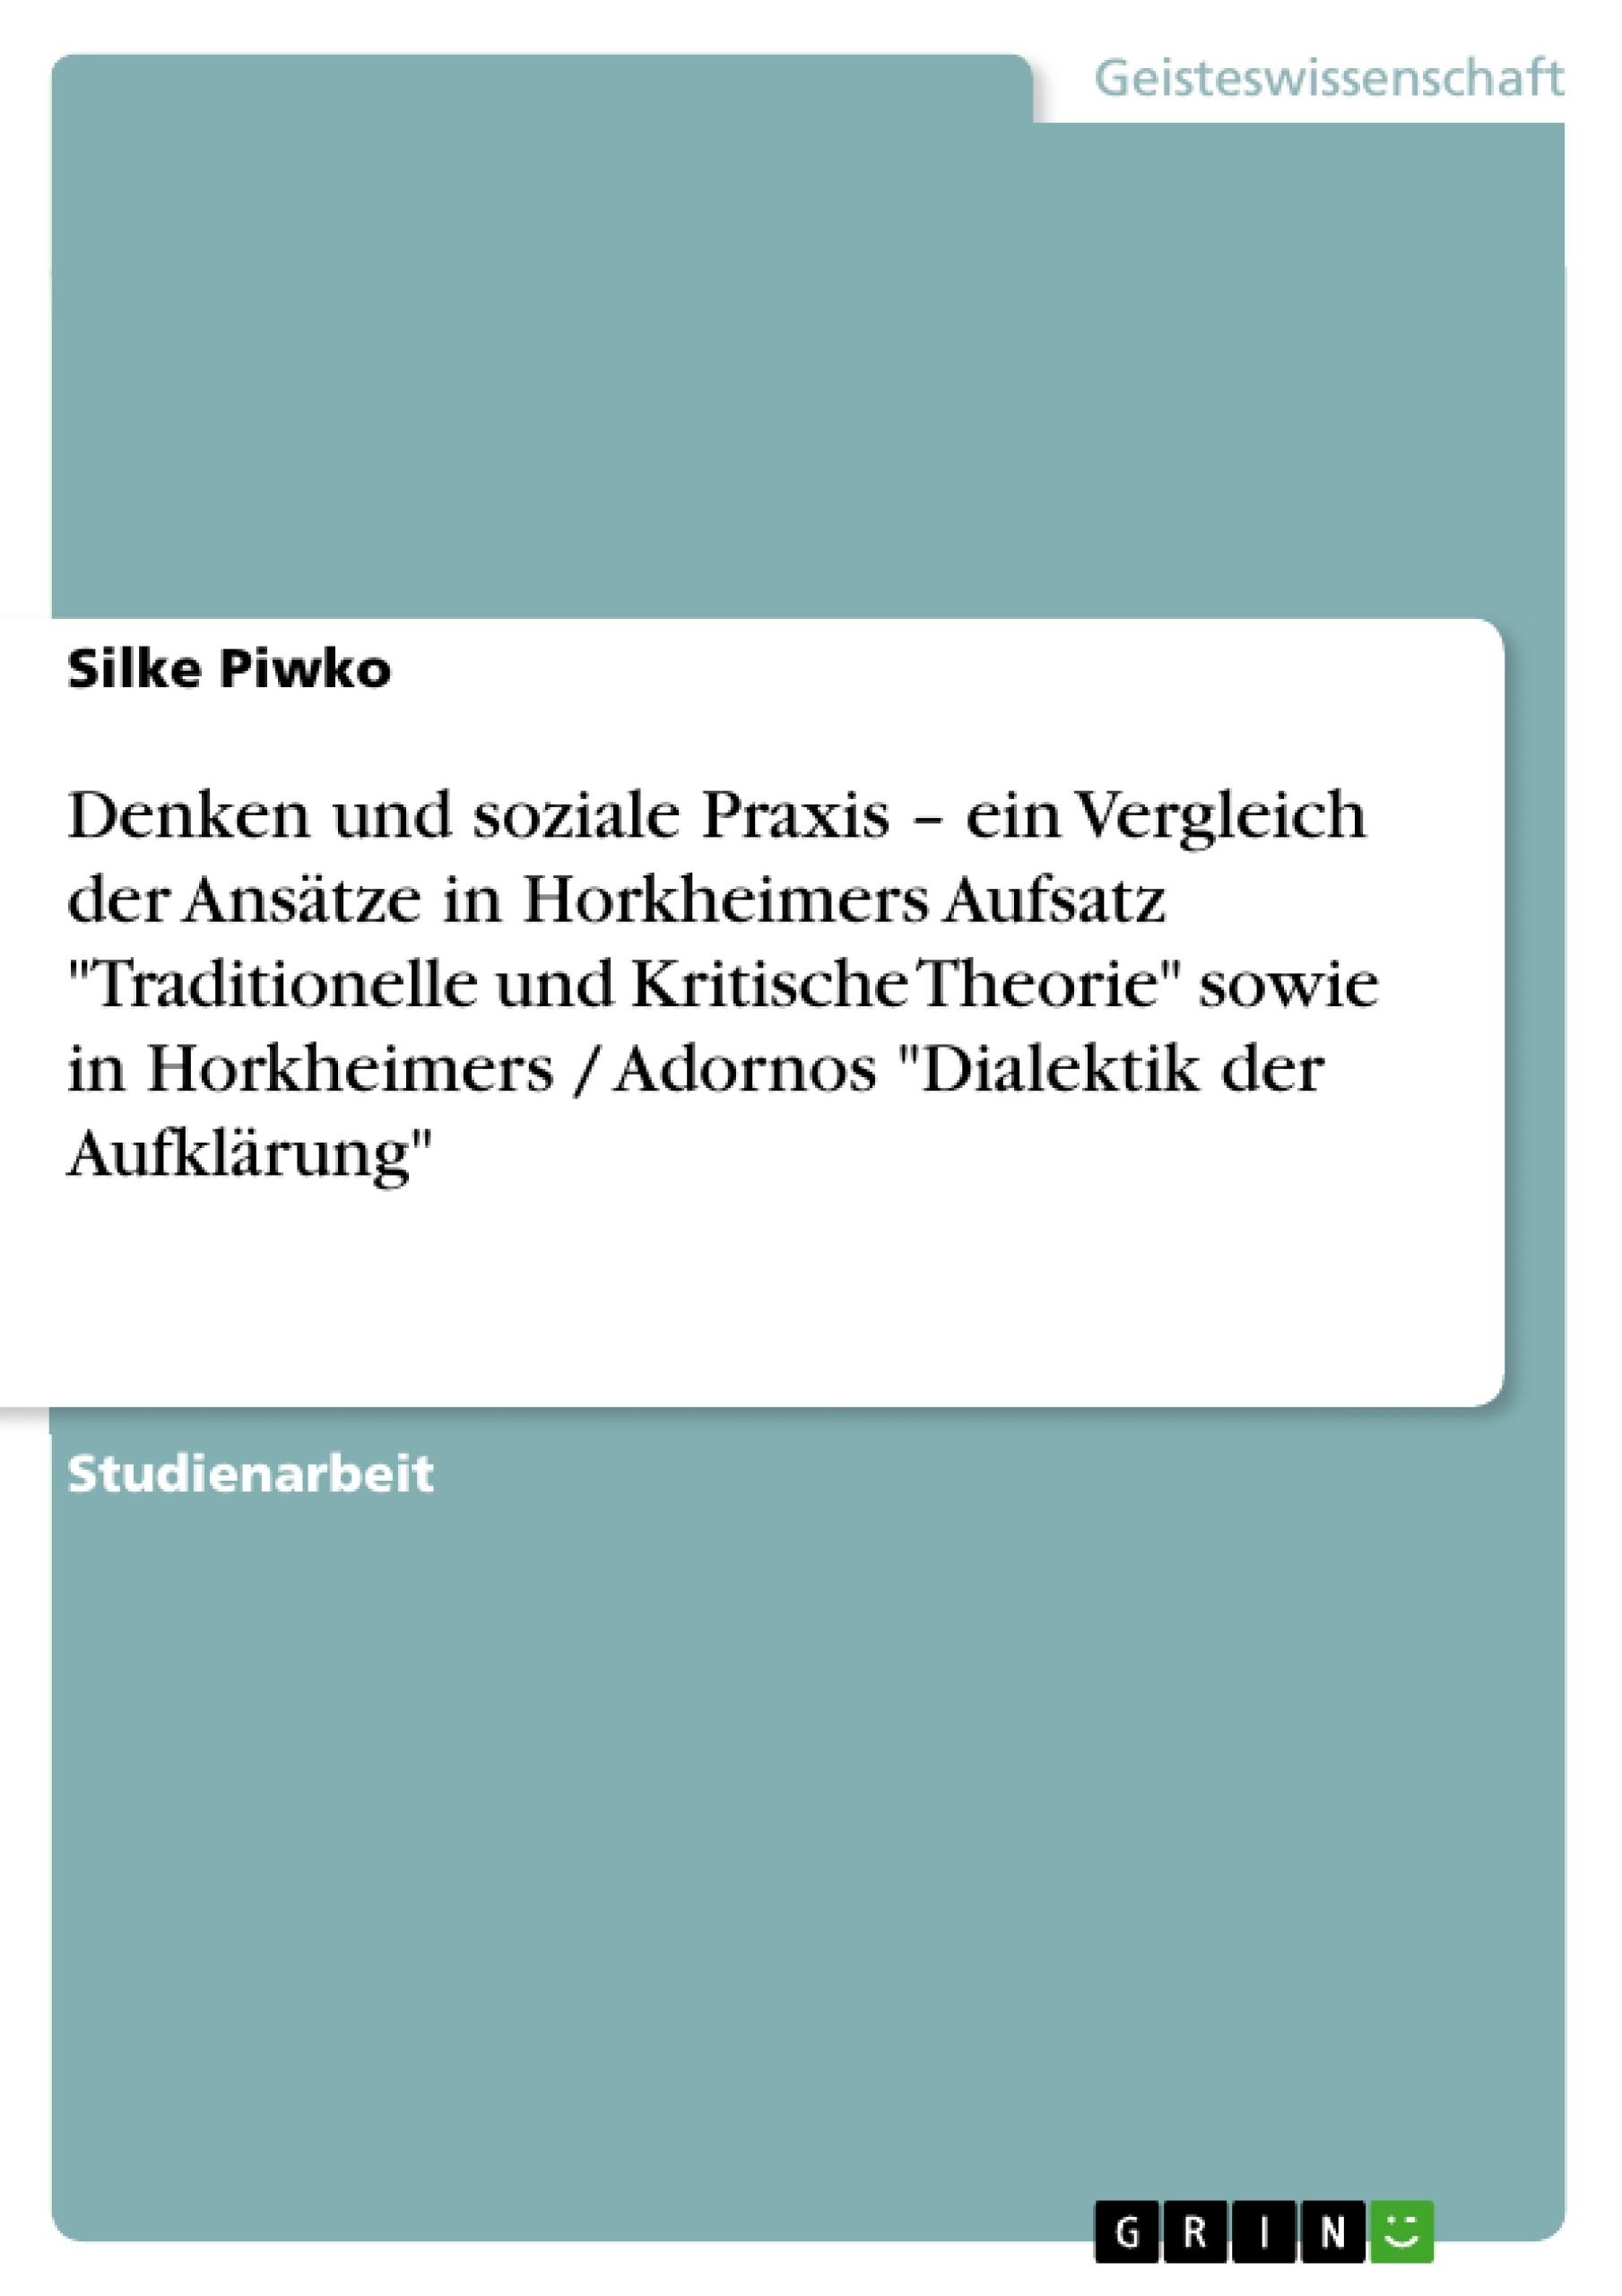 """Titel: Denken und soziale Praxis – ein Vergleich der Ansätze in Horkheimers Aufsatz """"Traditionelle und Kritische Theorie"""" sowie in Horkheimers / Adornos """"Dialektik der Aufklärung"""""""